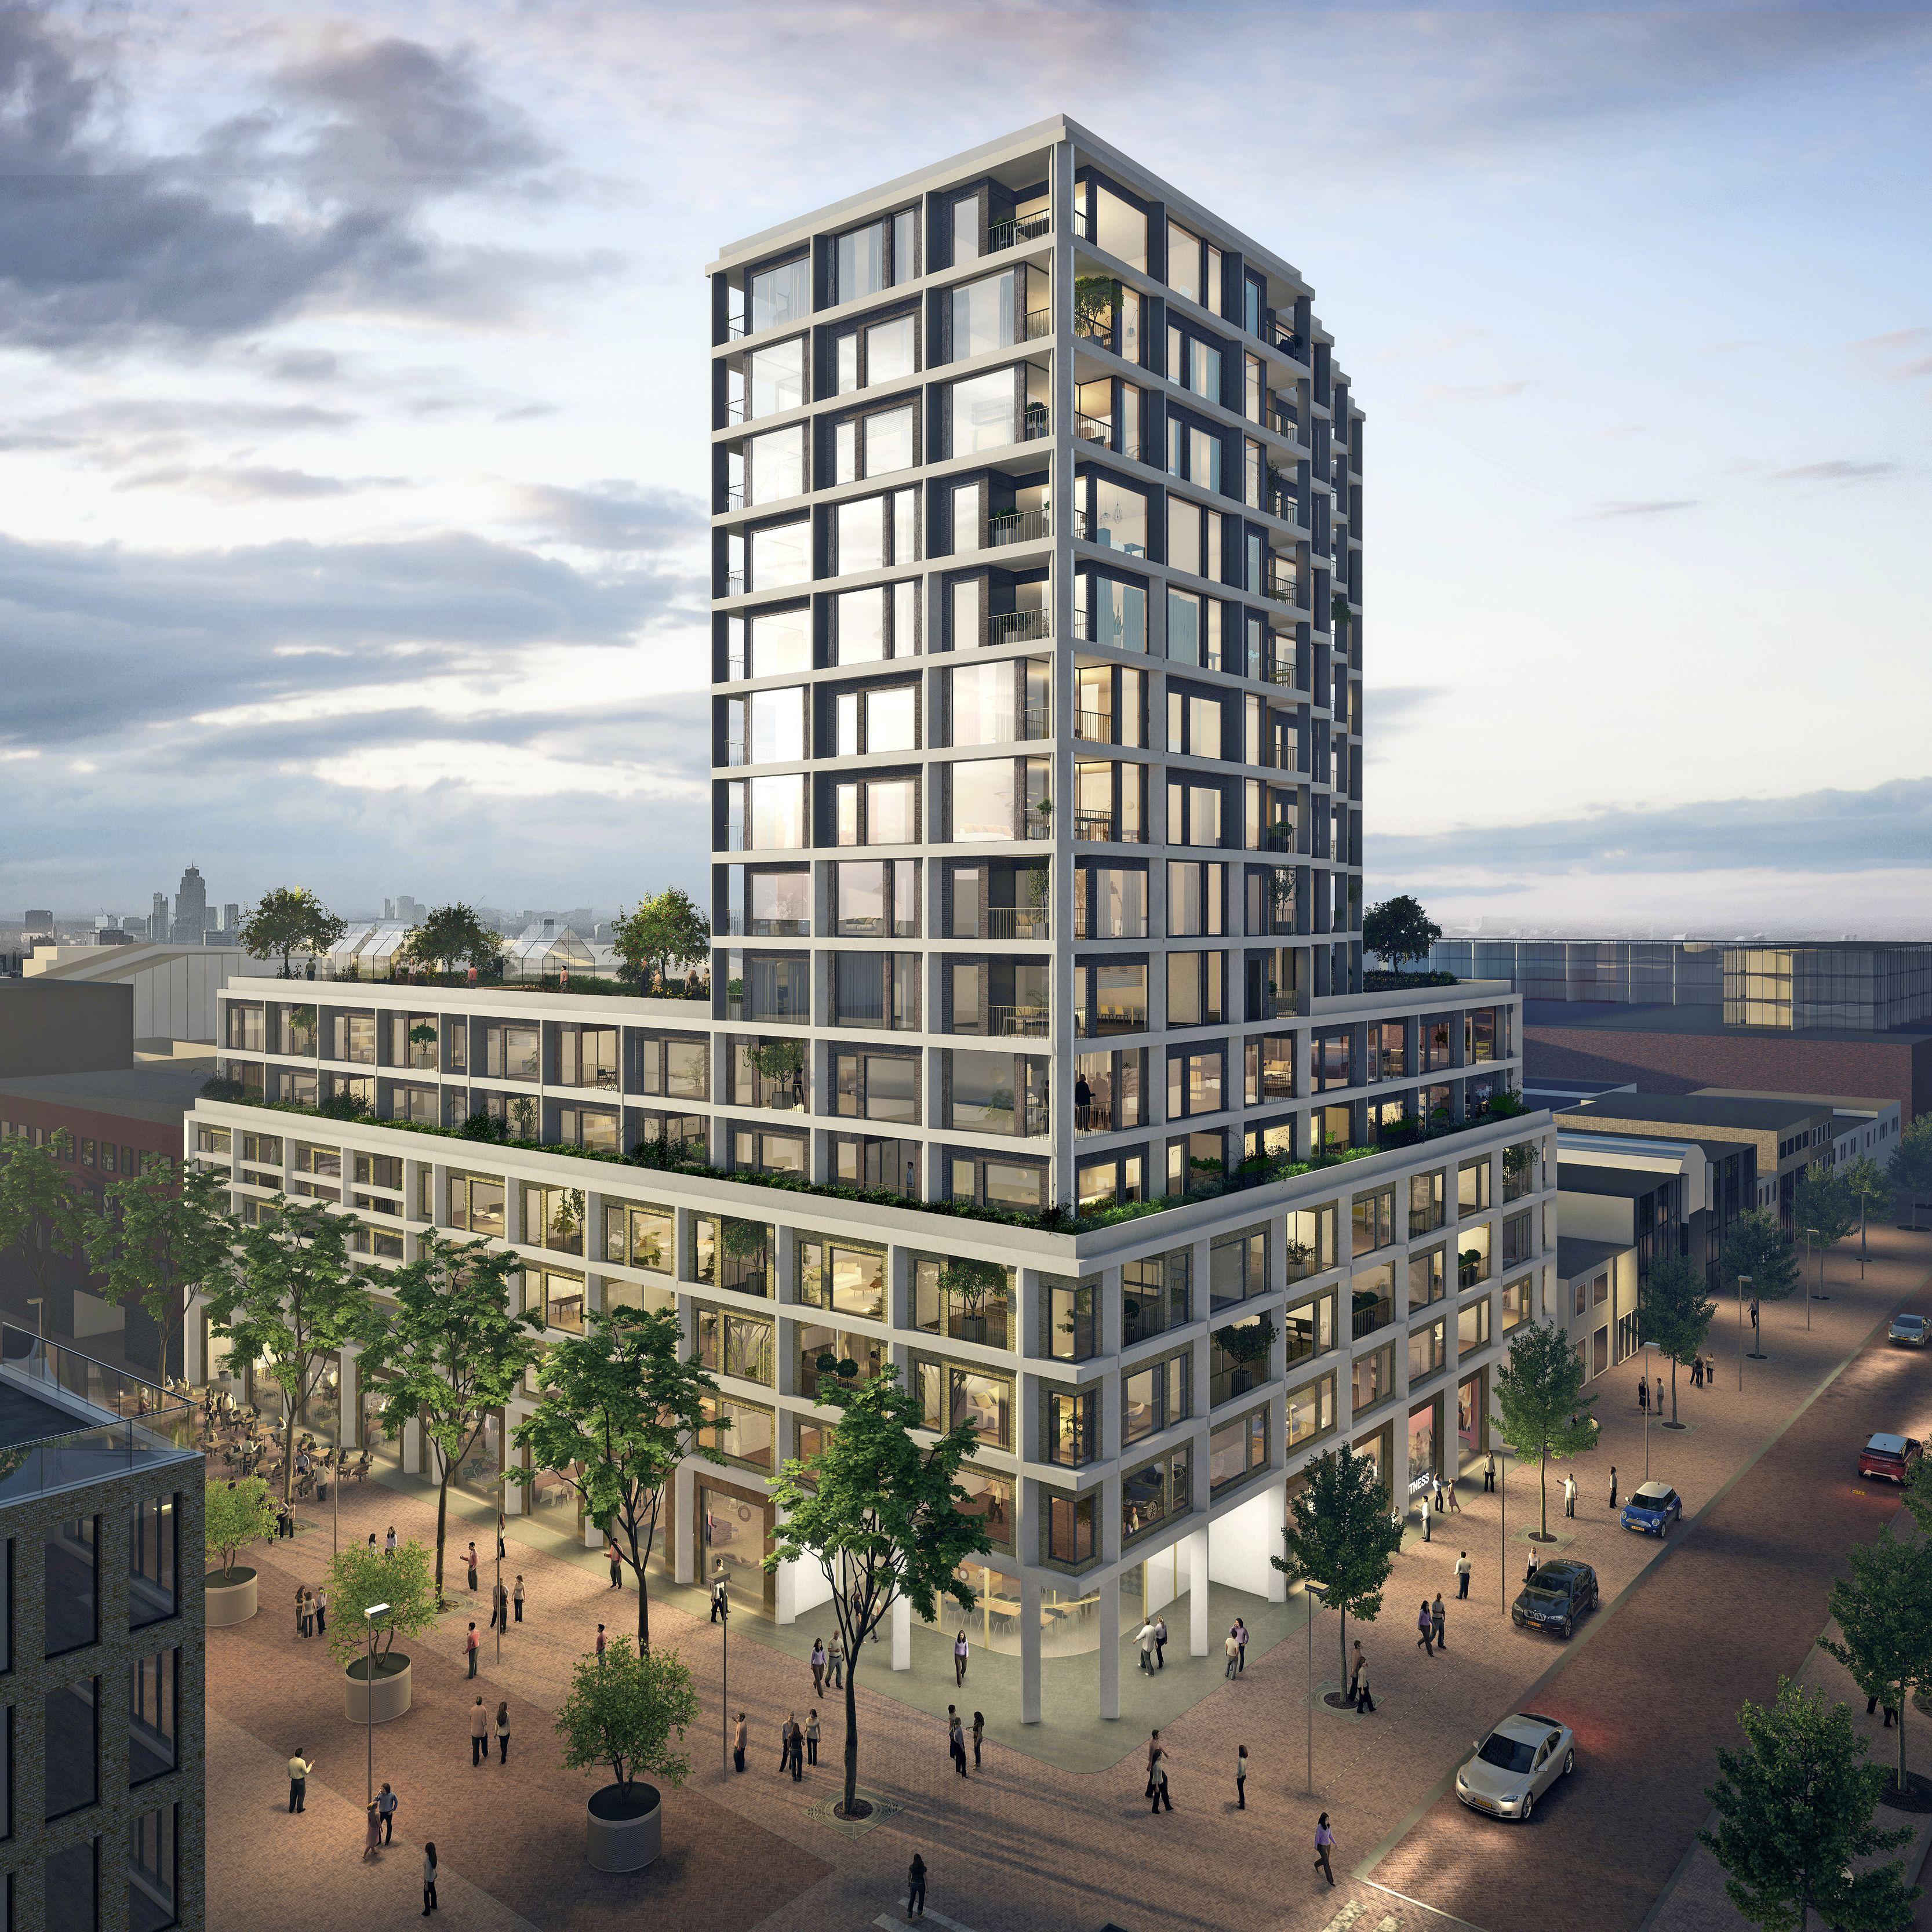 Bouw op Aprisco-terrein in Hoofddorps centrum uitgesteld